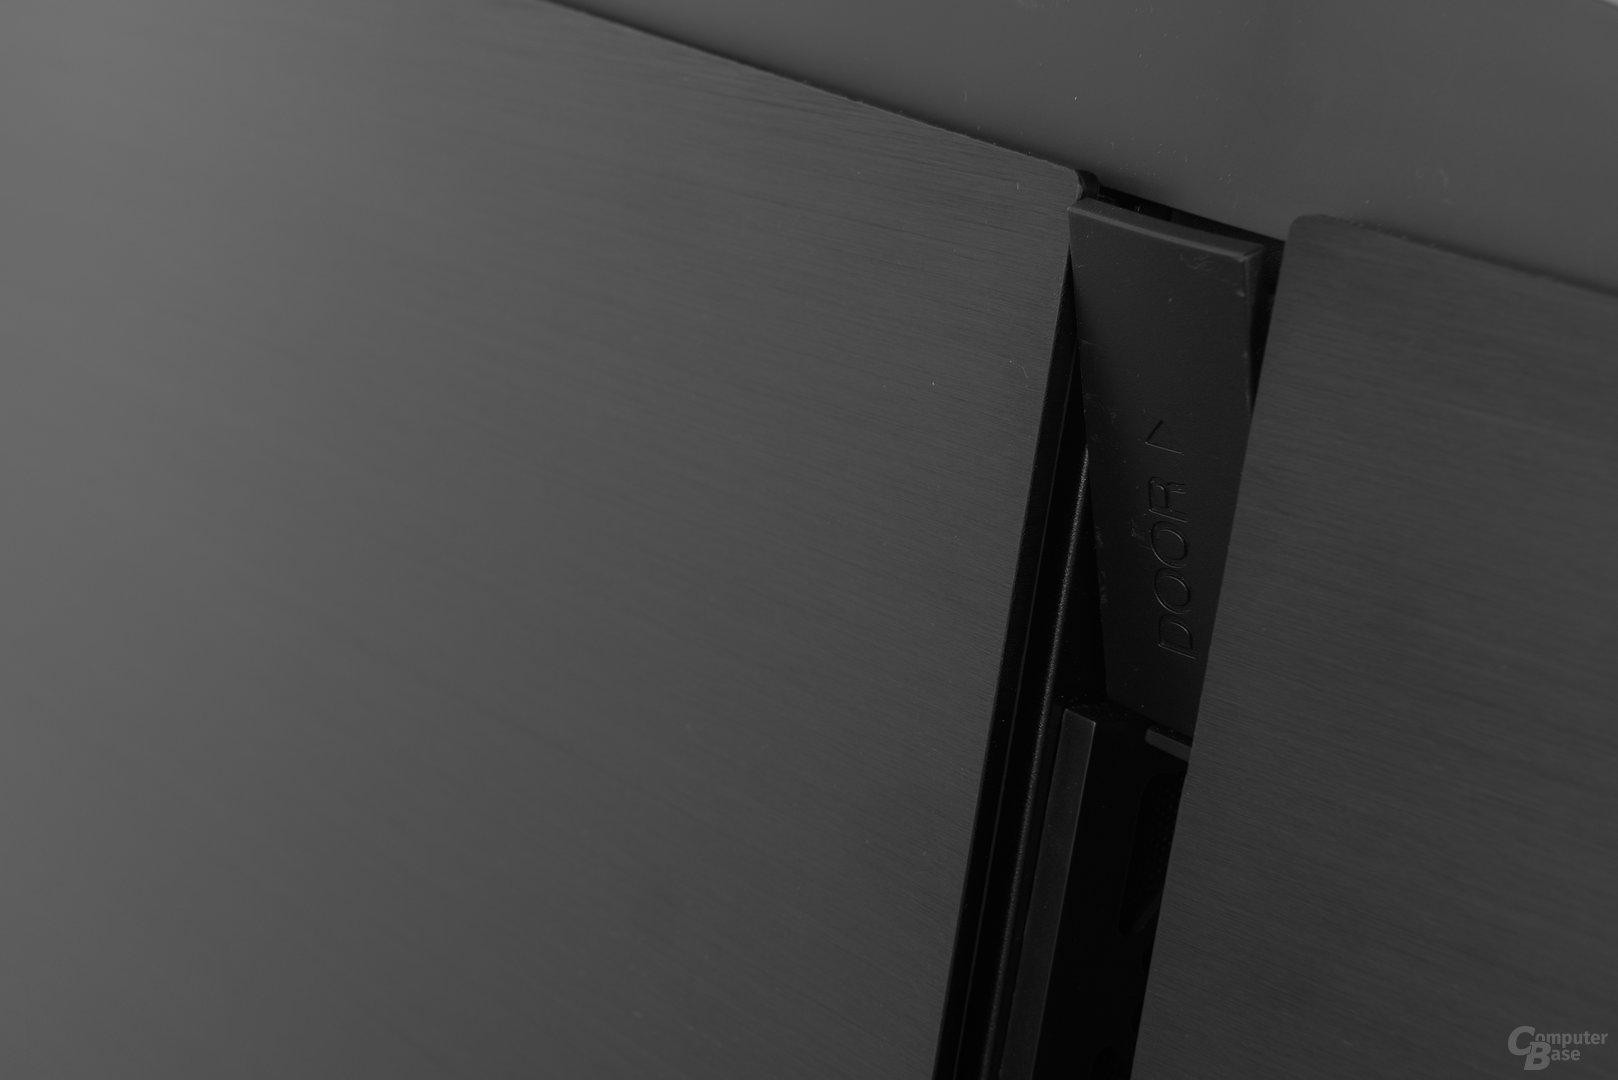 Antec Signature S10 – Türen geöffnet